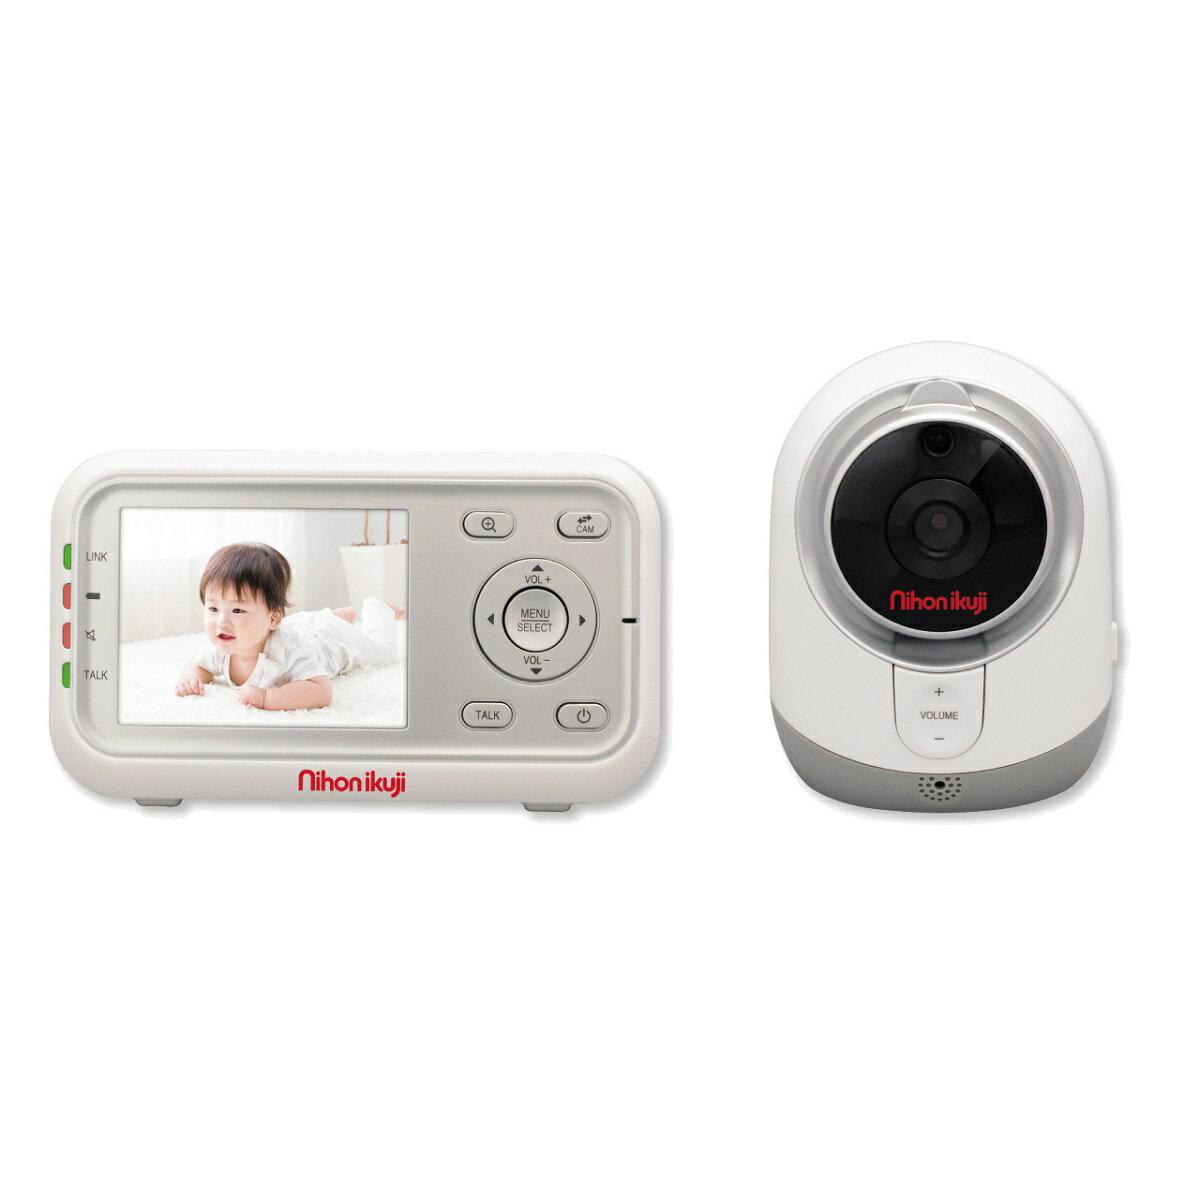 【新品】【レンタル3ヶ月】日本育児 デジタルカラー スマートビデオモニター3 【 ベビー用品 】【レンタル】【ラッキーシール対応】